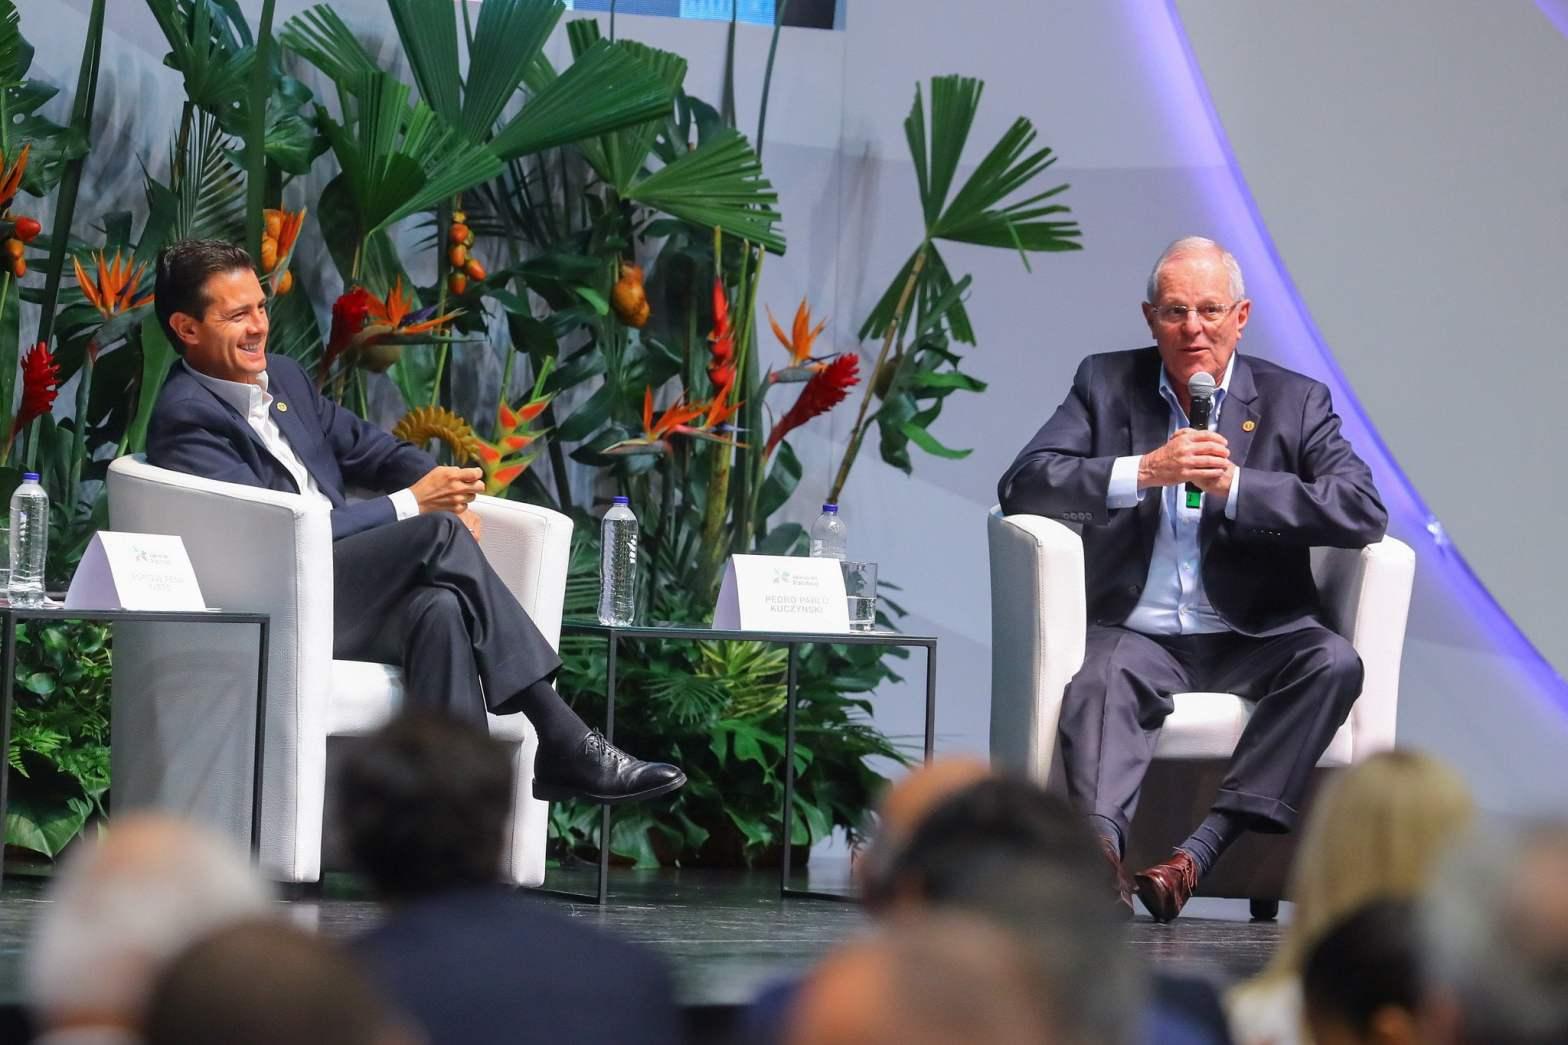 """Kuczynski: """"El gran reto de la Alianza del Pacífico es generar trabajo"""""""